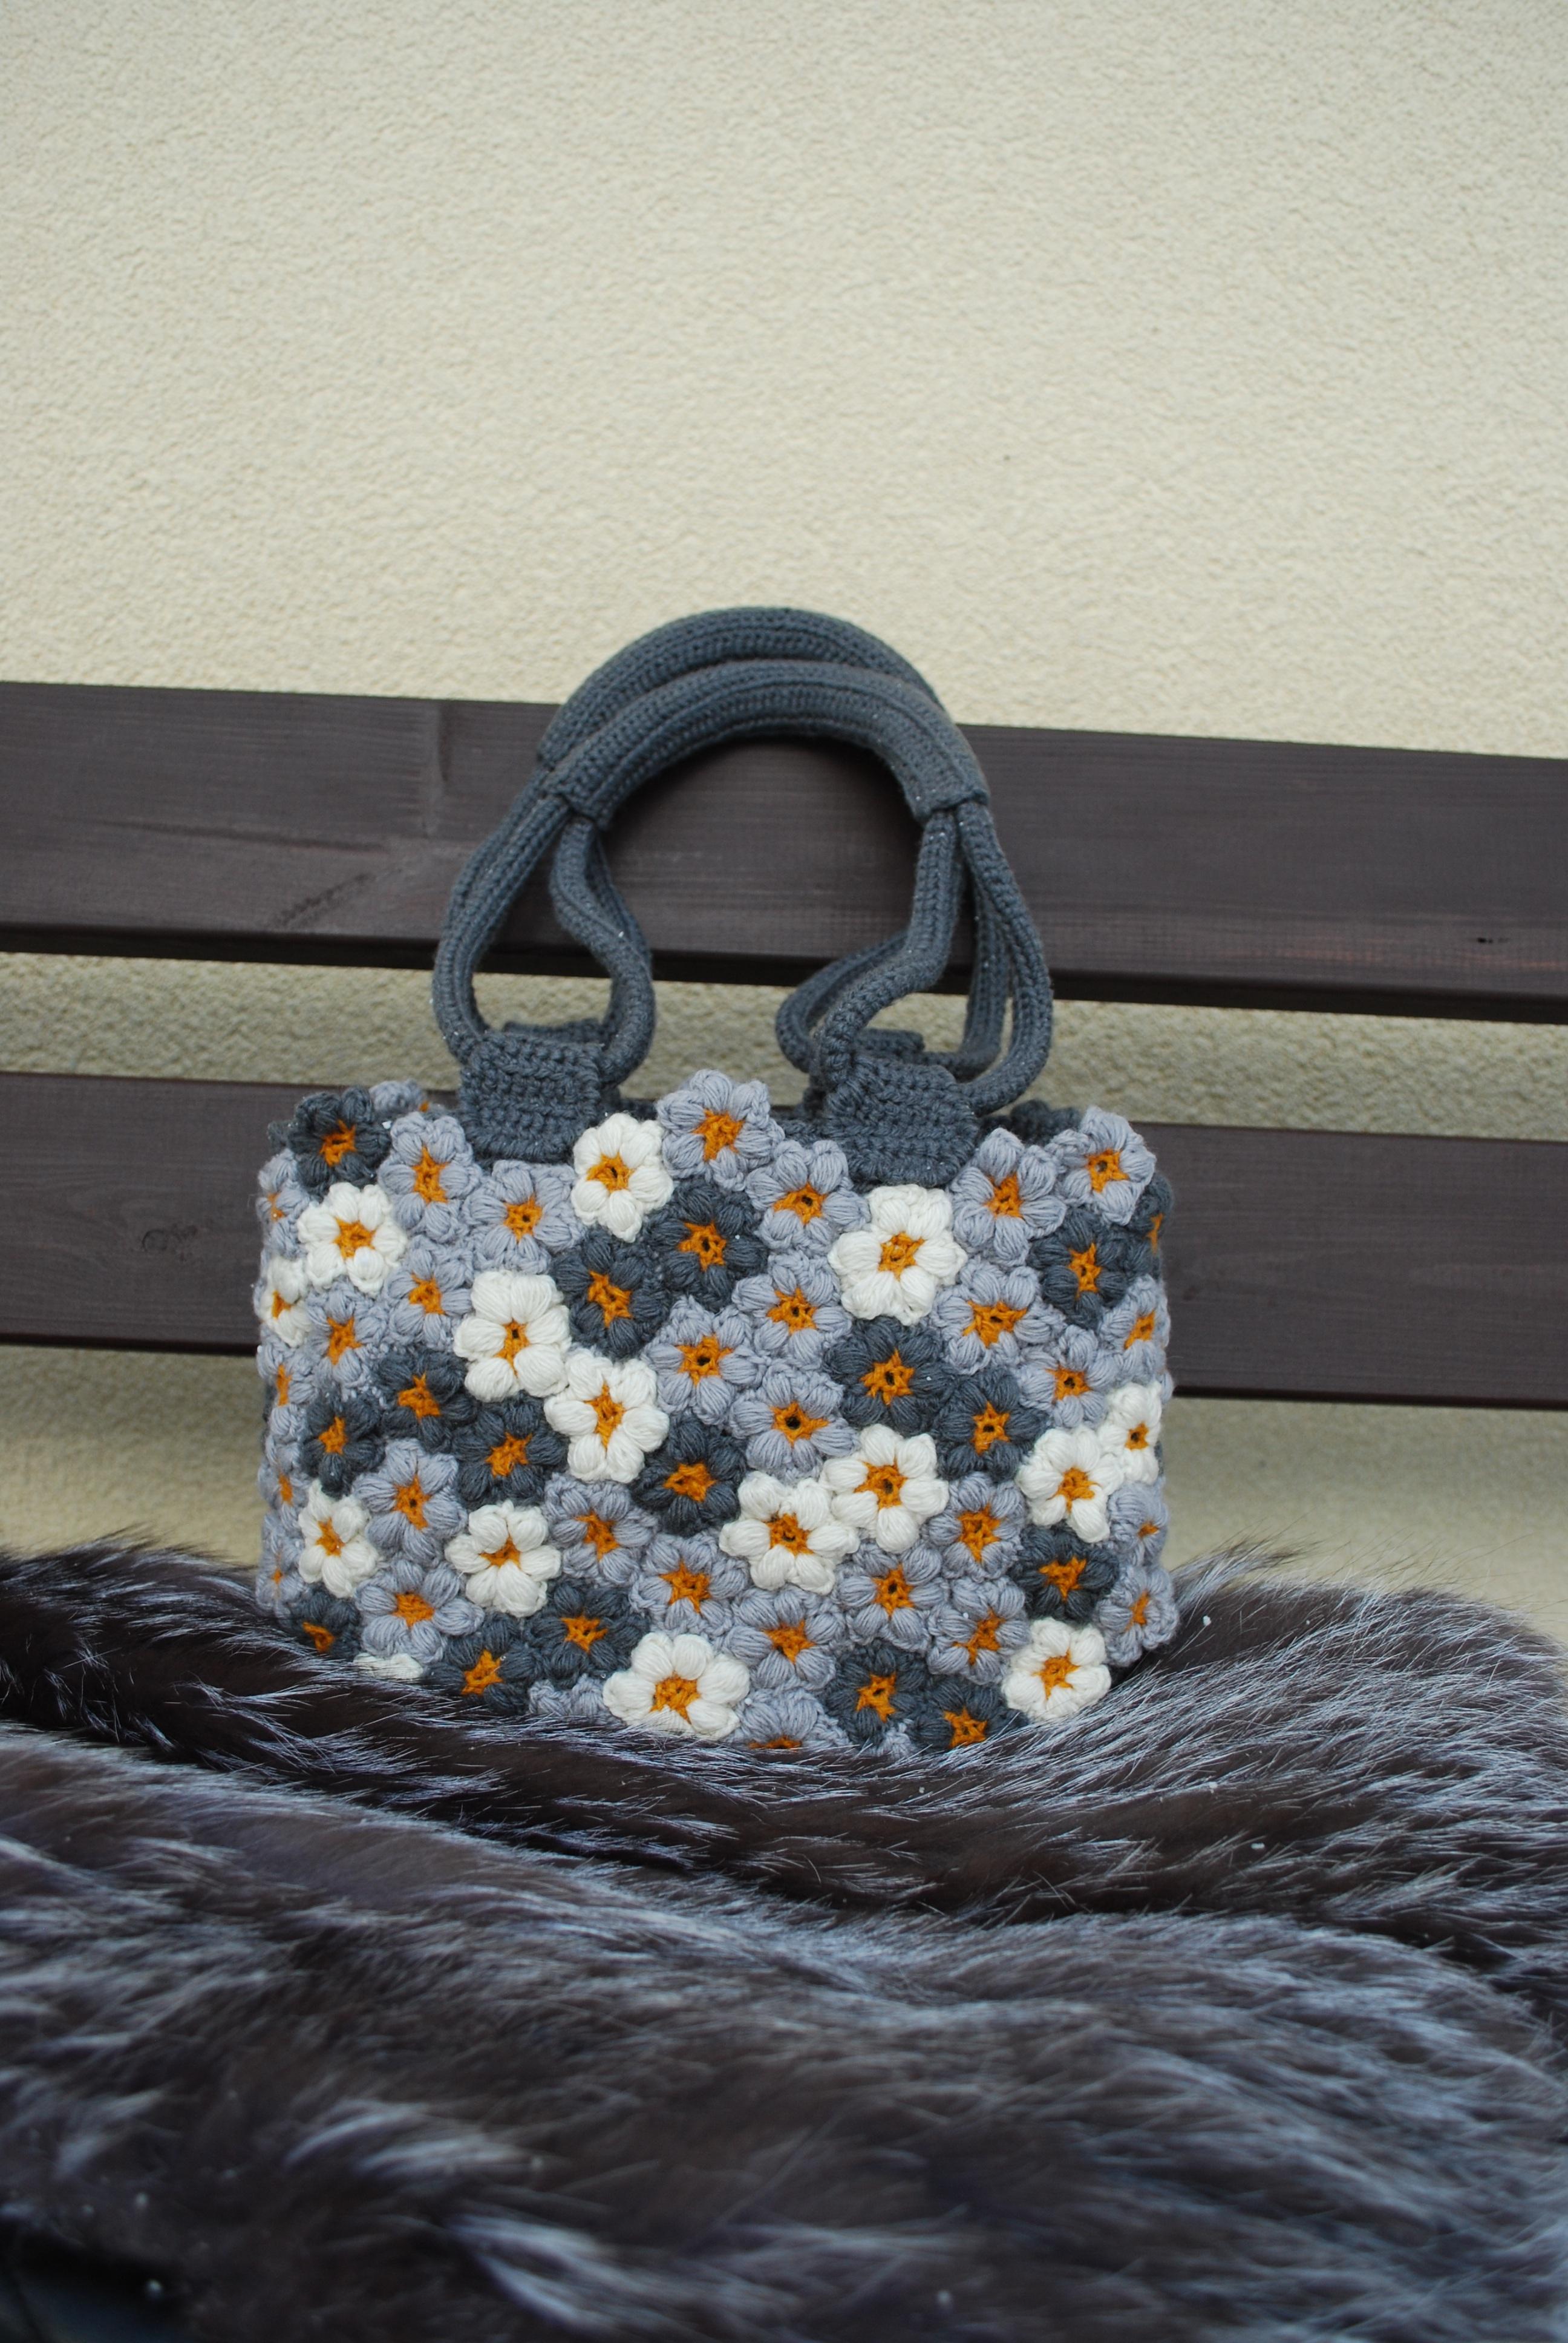 Kostenlose foto : Weiß, Jahrgang, Blume, weiblich, Frühling, Tasche ...